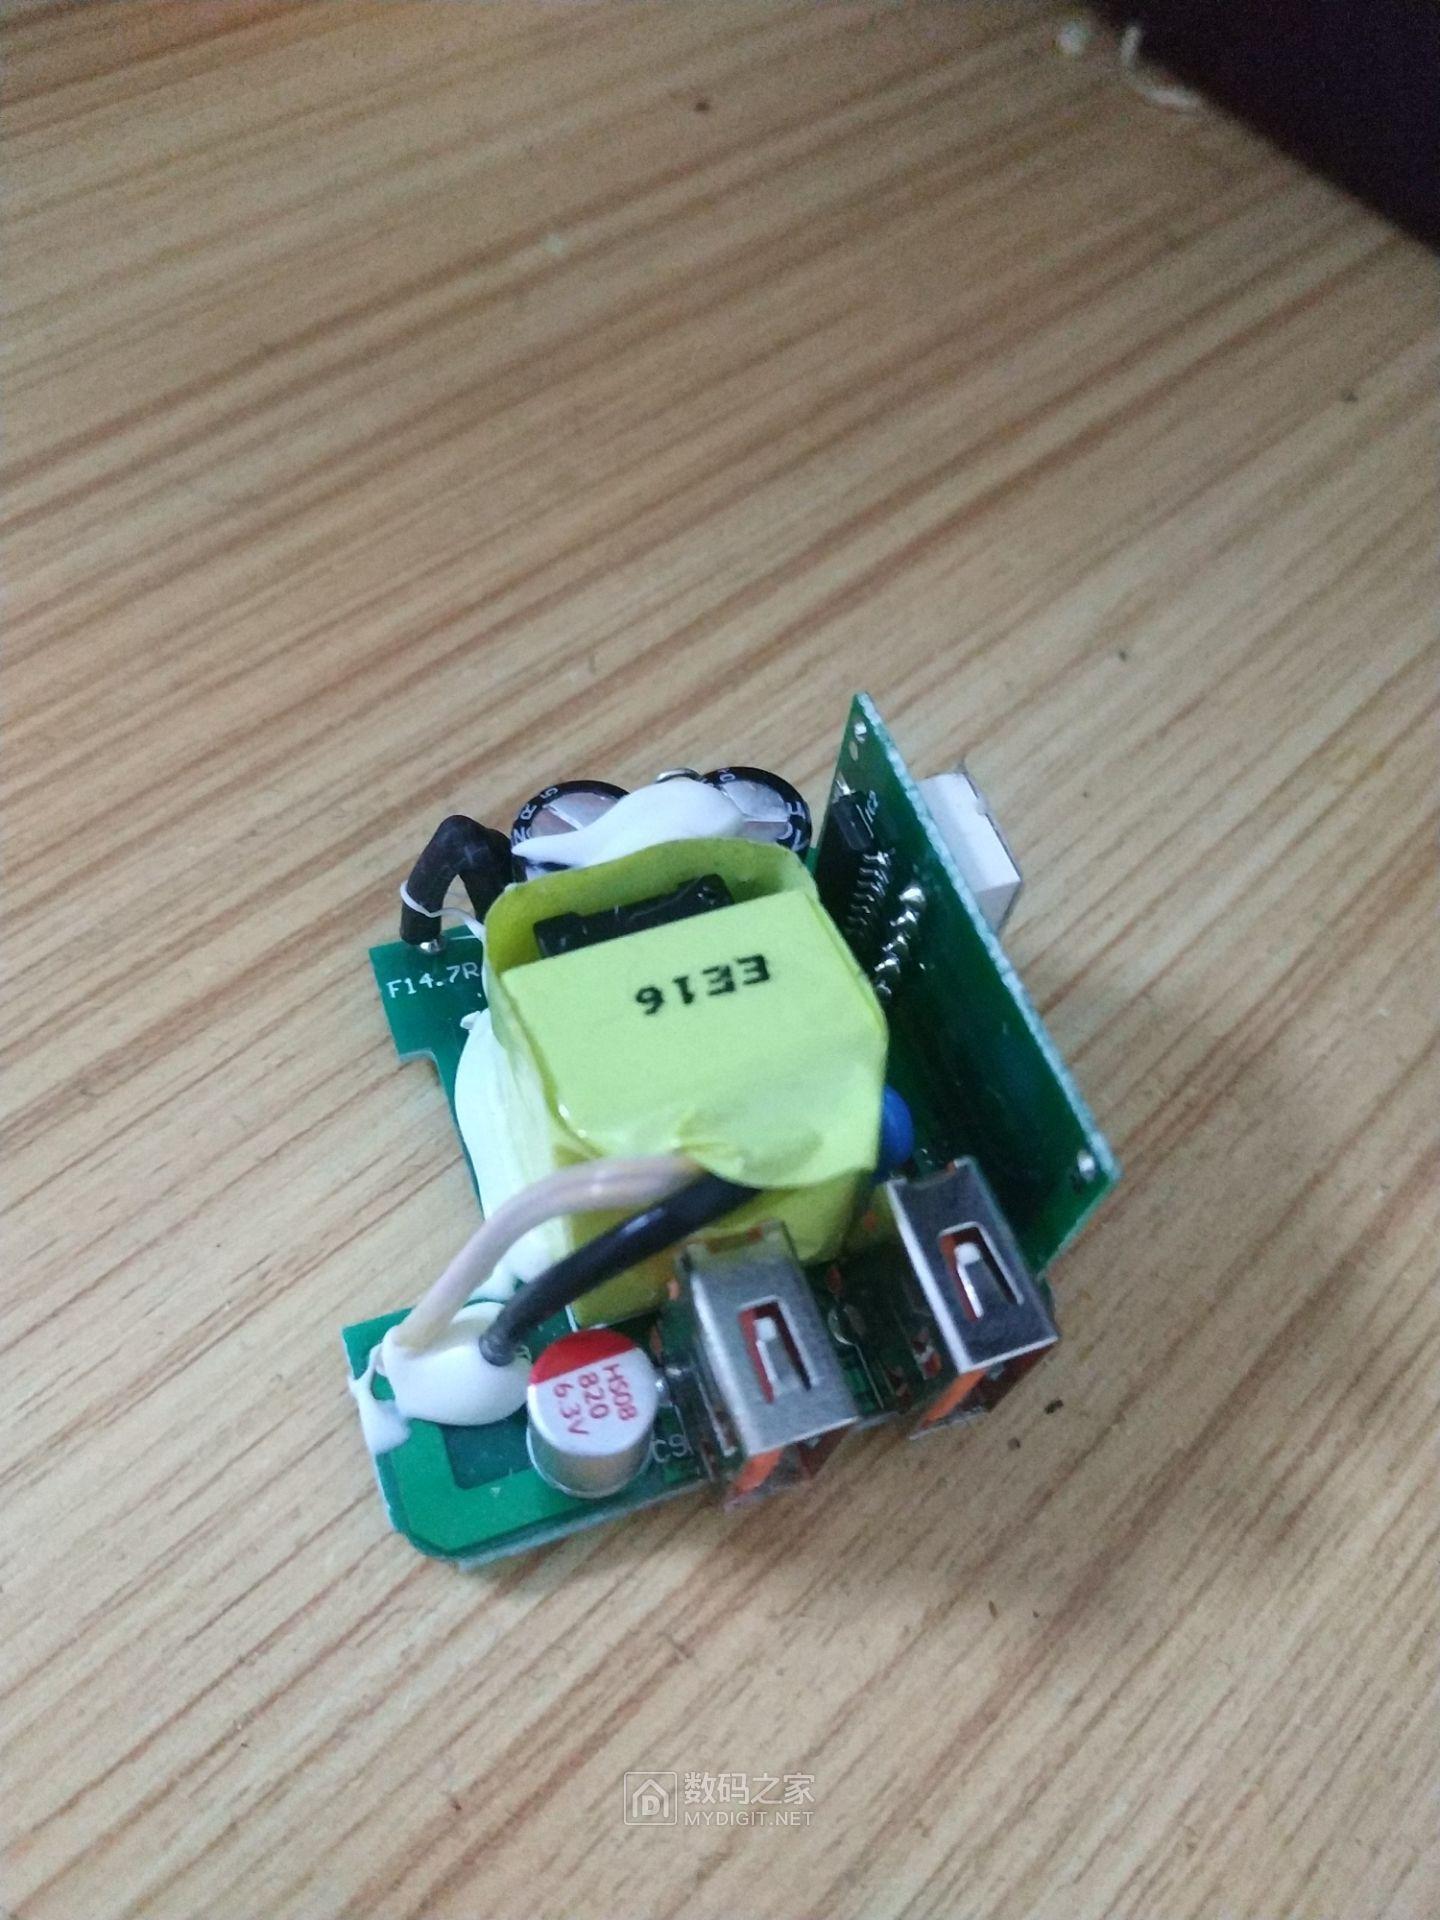 航嘉usb插排29,双速锂电钻48,50瓦led投光灯6.9,卡帝乐鳄鱼背包39,朗科64g tf卡69